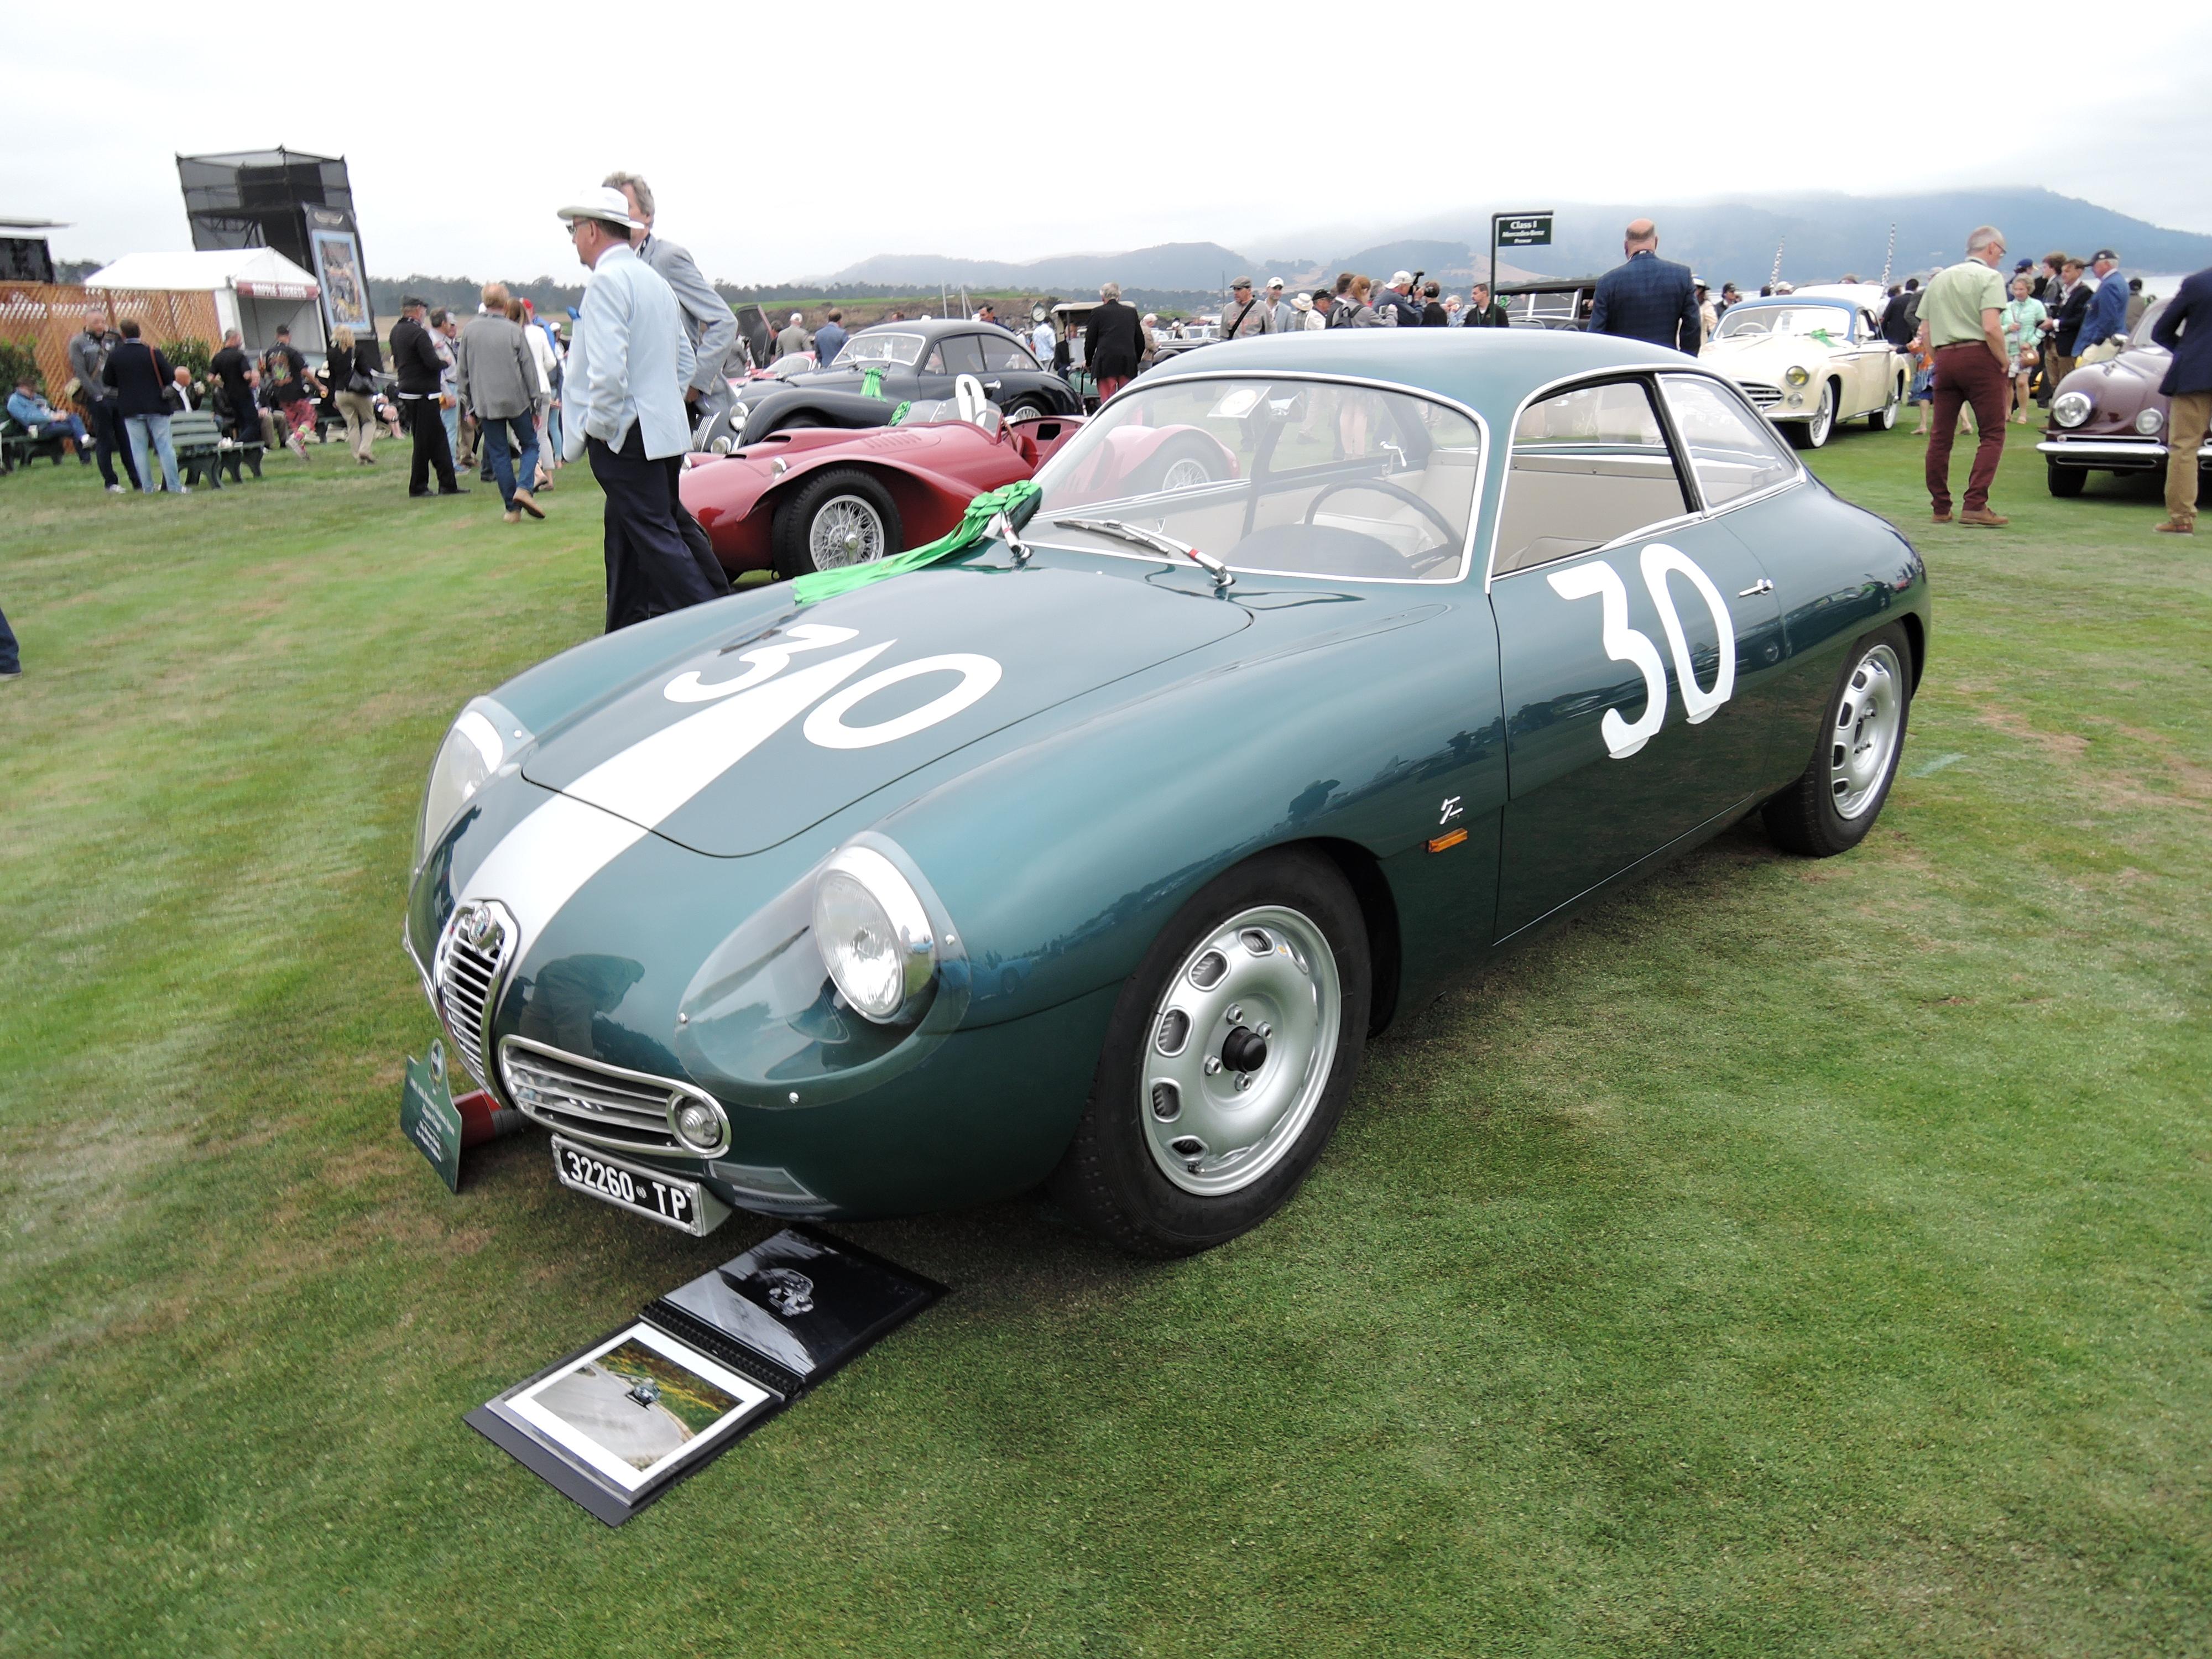 green 1961 Alfa Romeo Giulietta Sprint Zagato Coupe - Pebble Beach Concours d'Elegance 2017